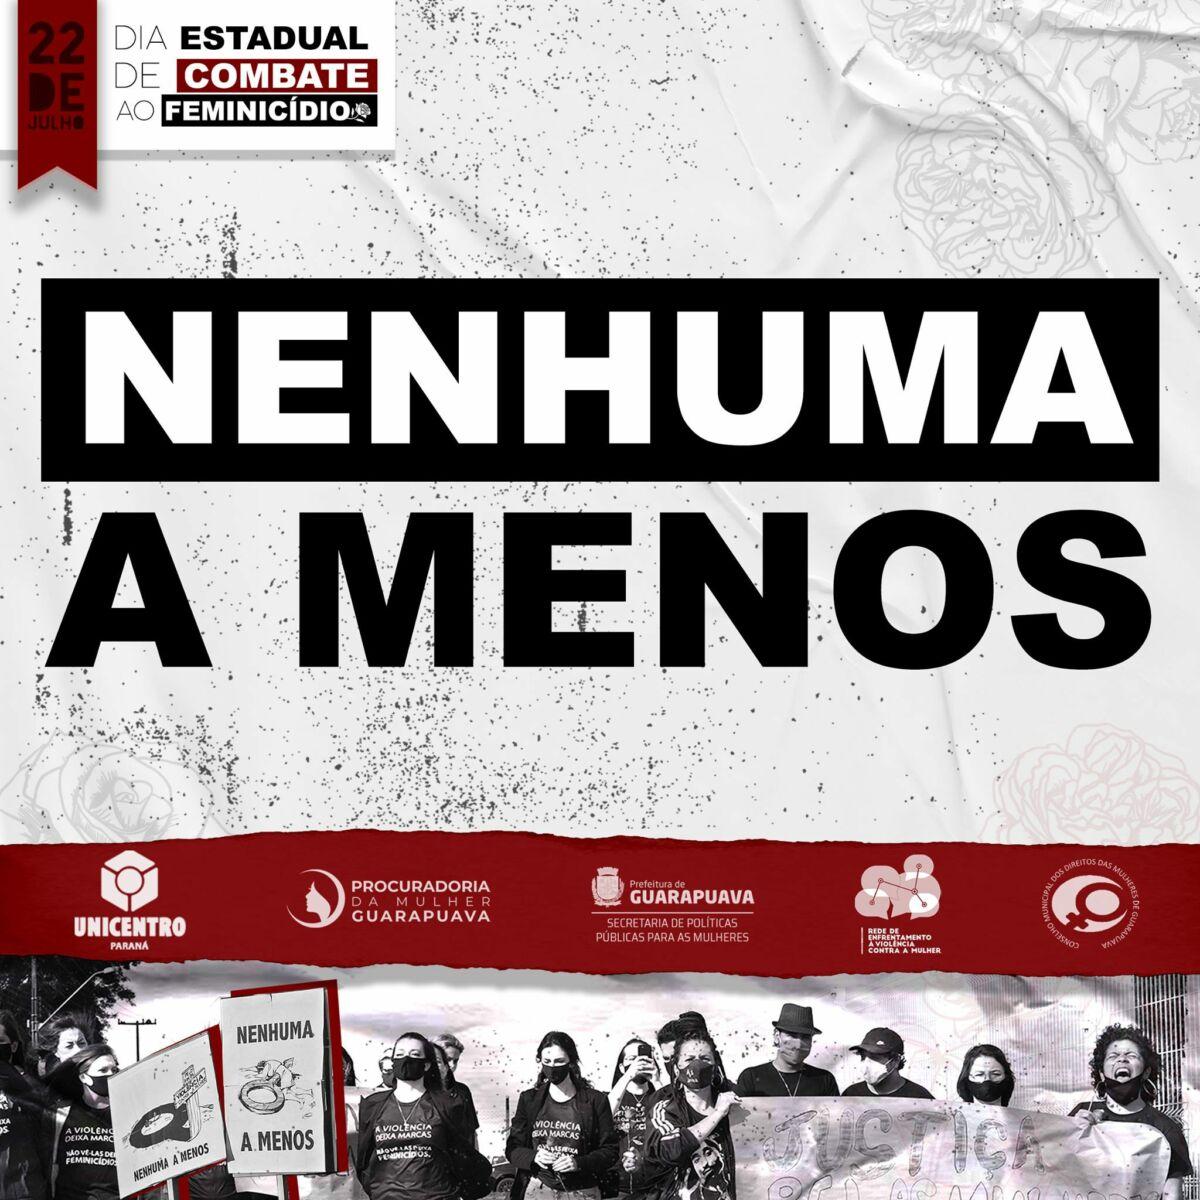 Live marca, nessa quinta-feira, 22, o Dia Estadual de Combate ao Feminicídio